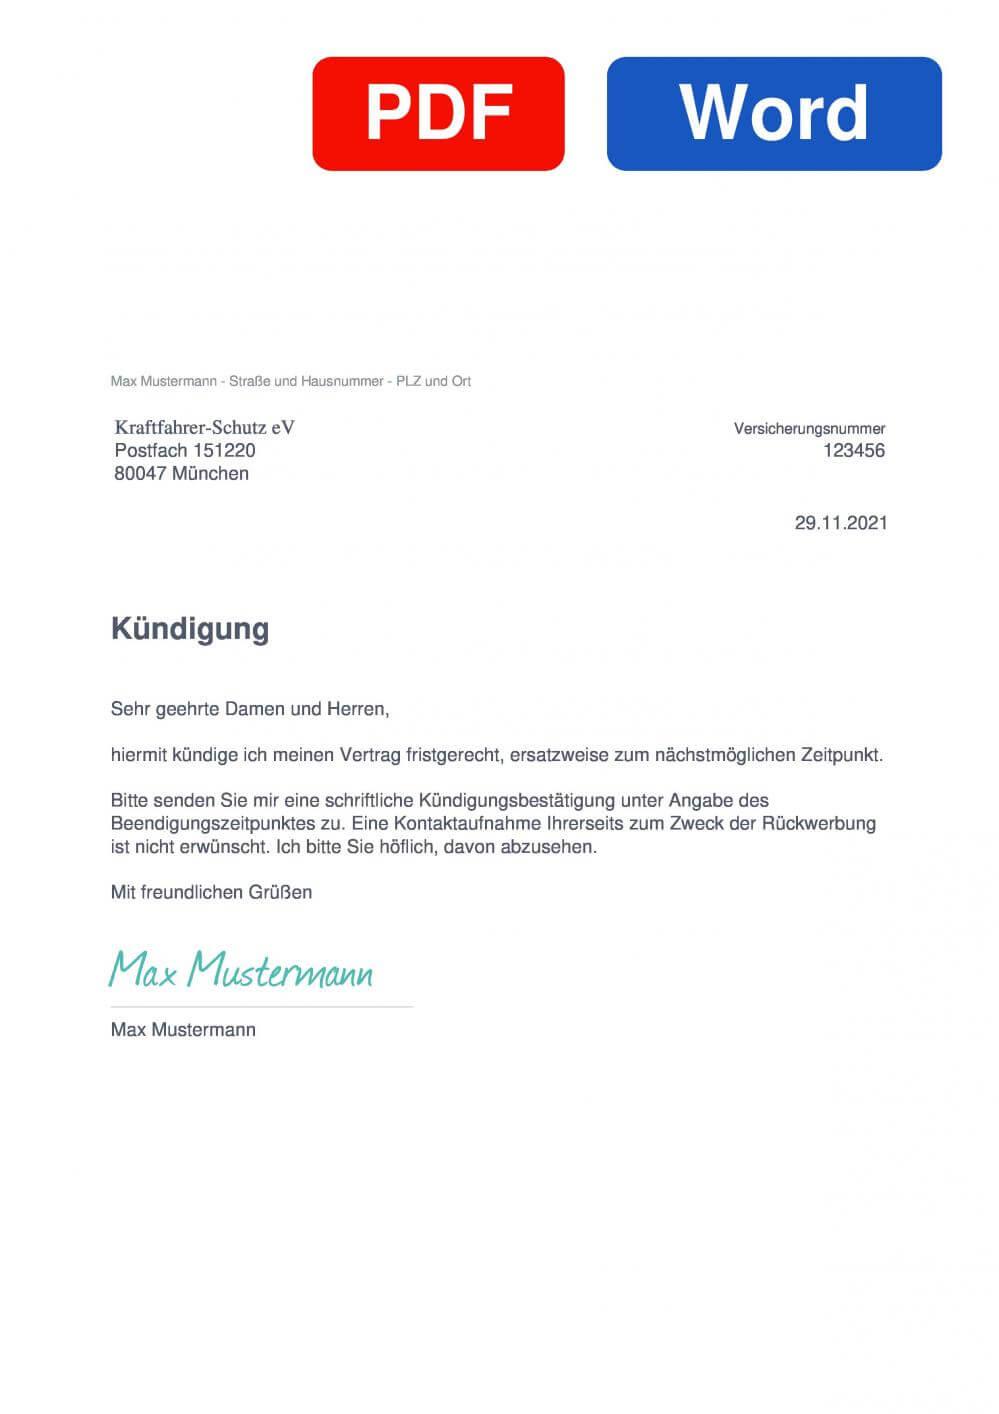 Schutzbrief Muster Vorlage für Kündigungsschreiben